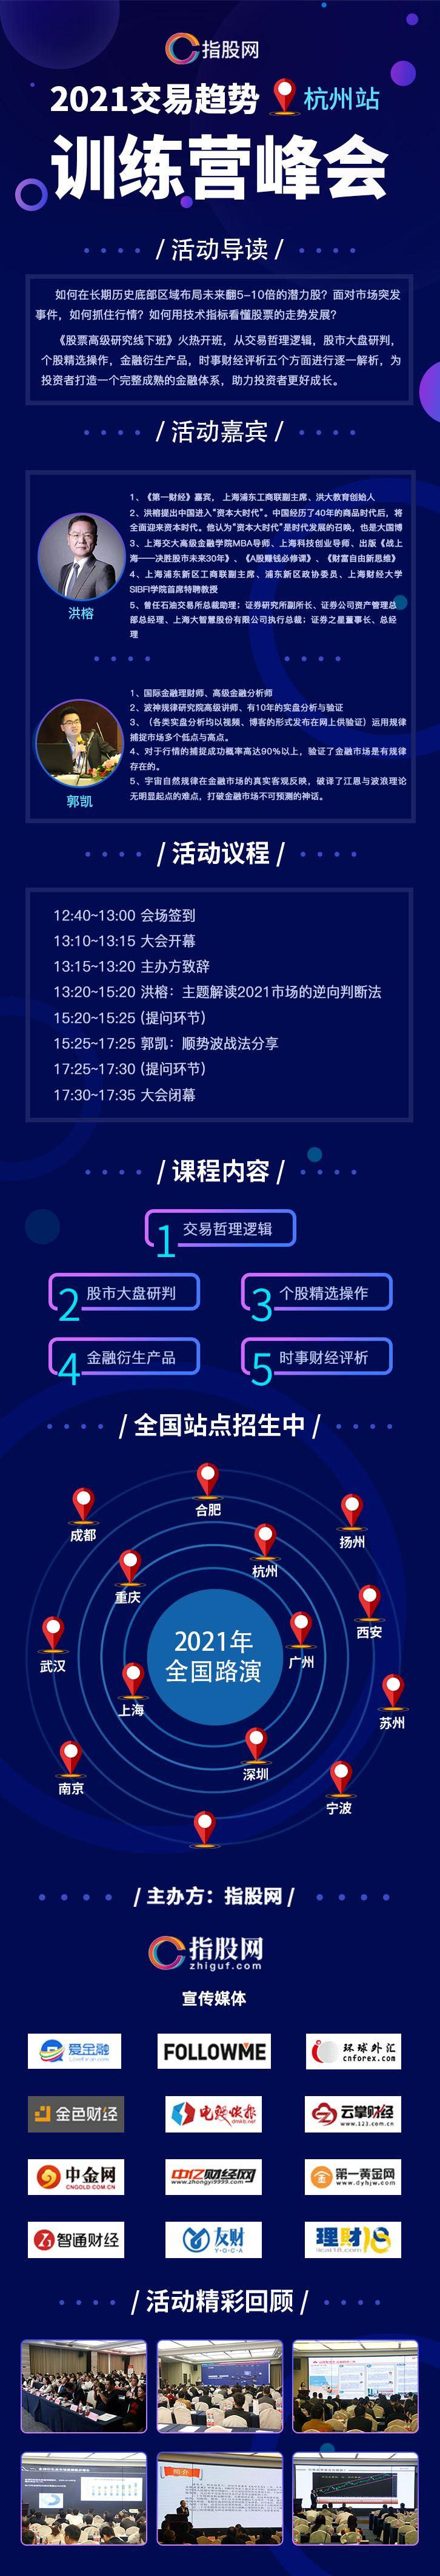 杭州站股票价值投资-无二维码.jpg